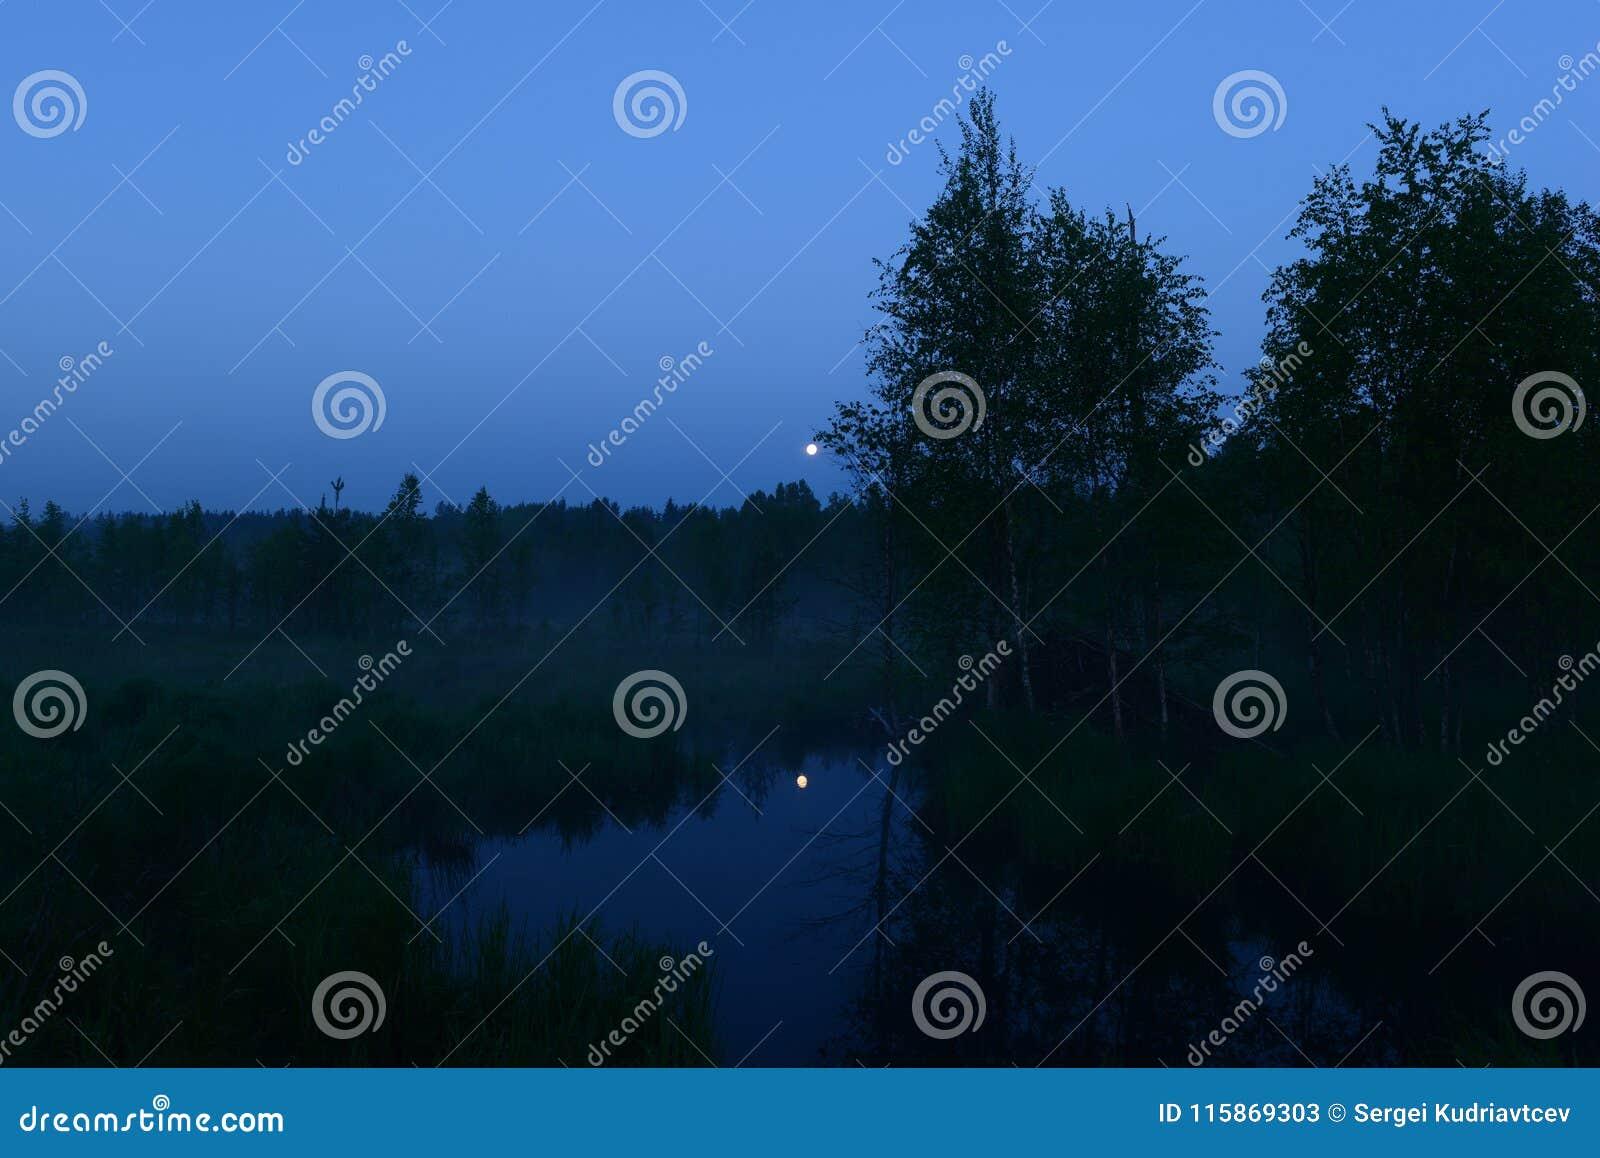 De maan van de de zomernacht in de blauwe hemel over de bosmaan overdacht de oppervlakte van het bosrivierwater